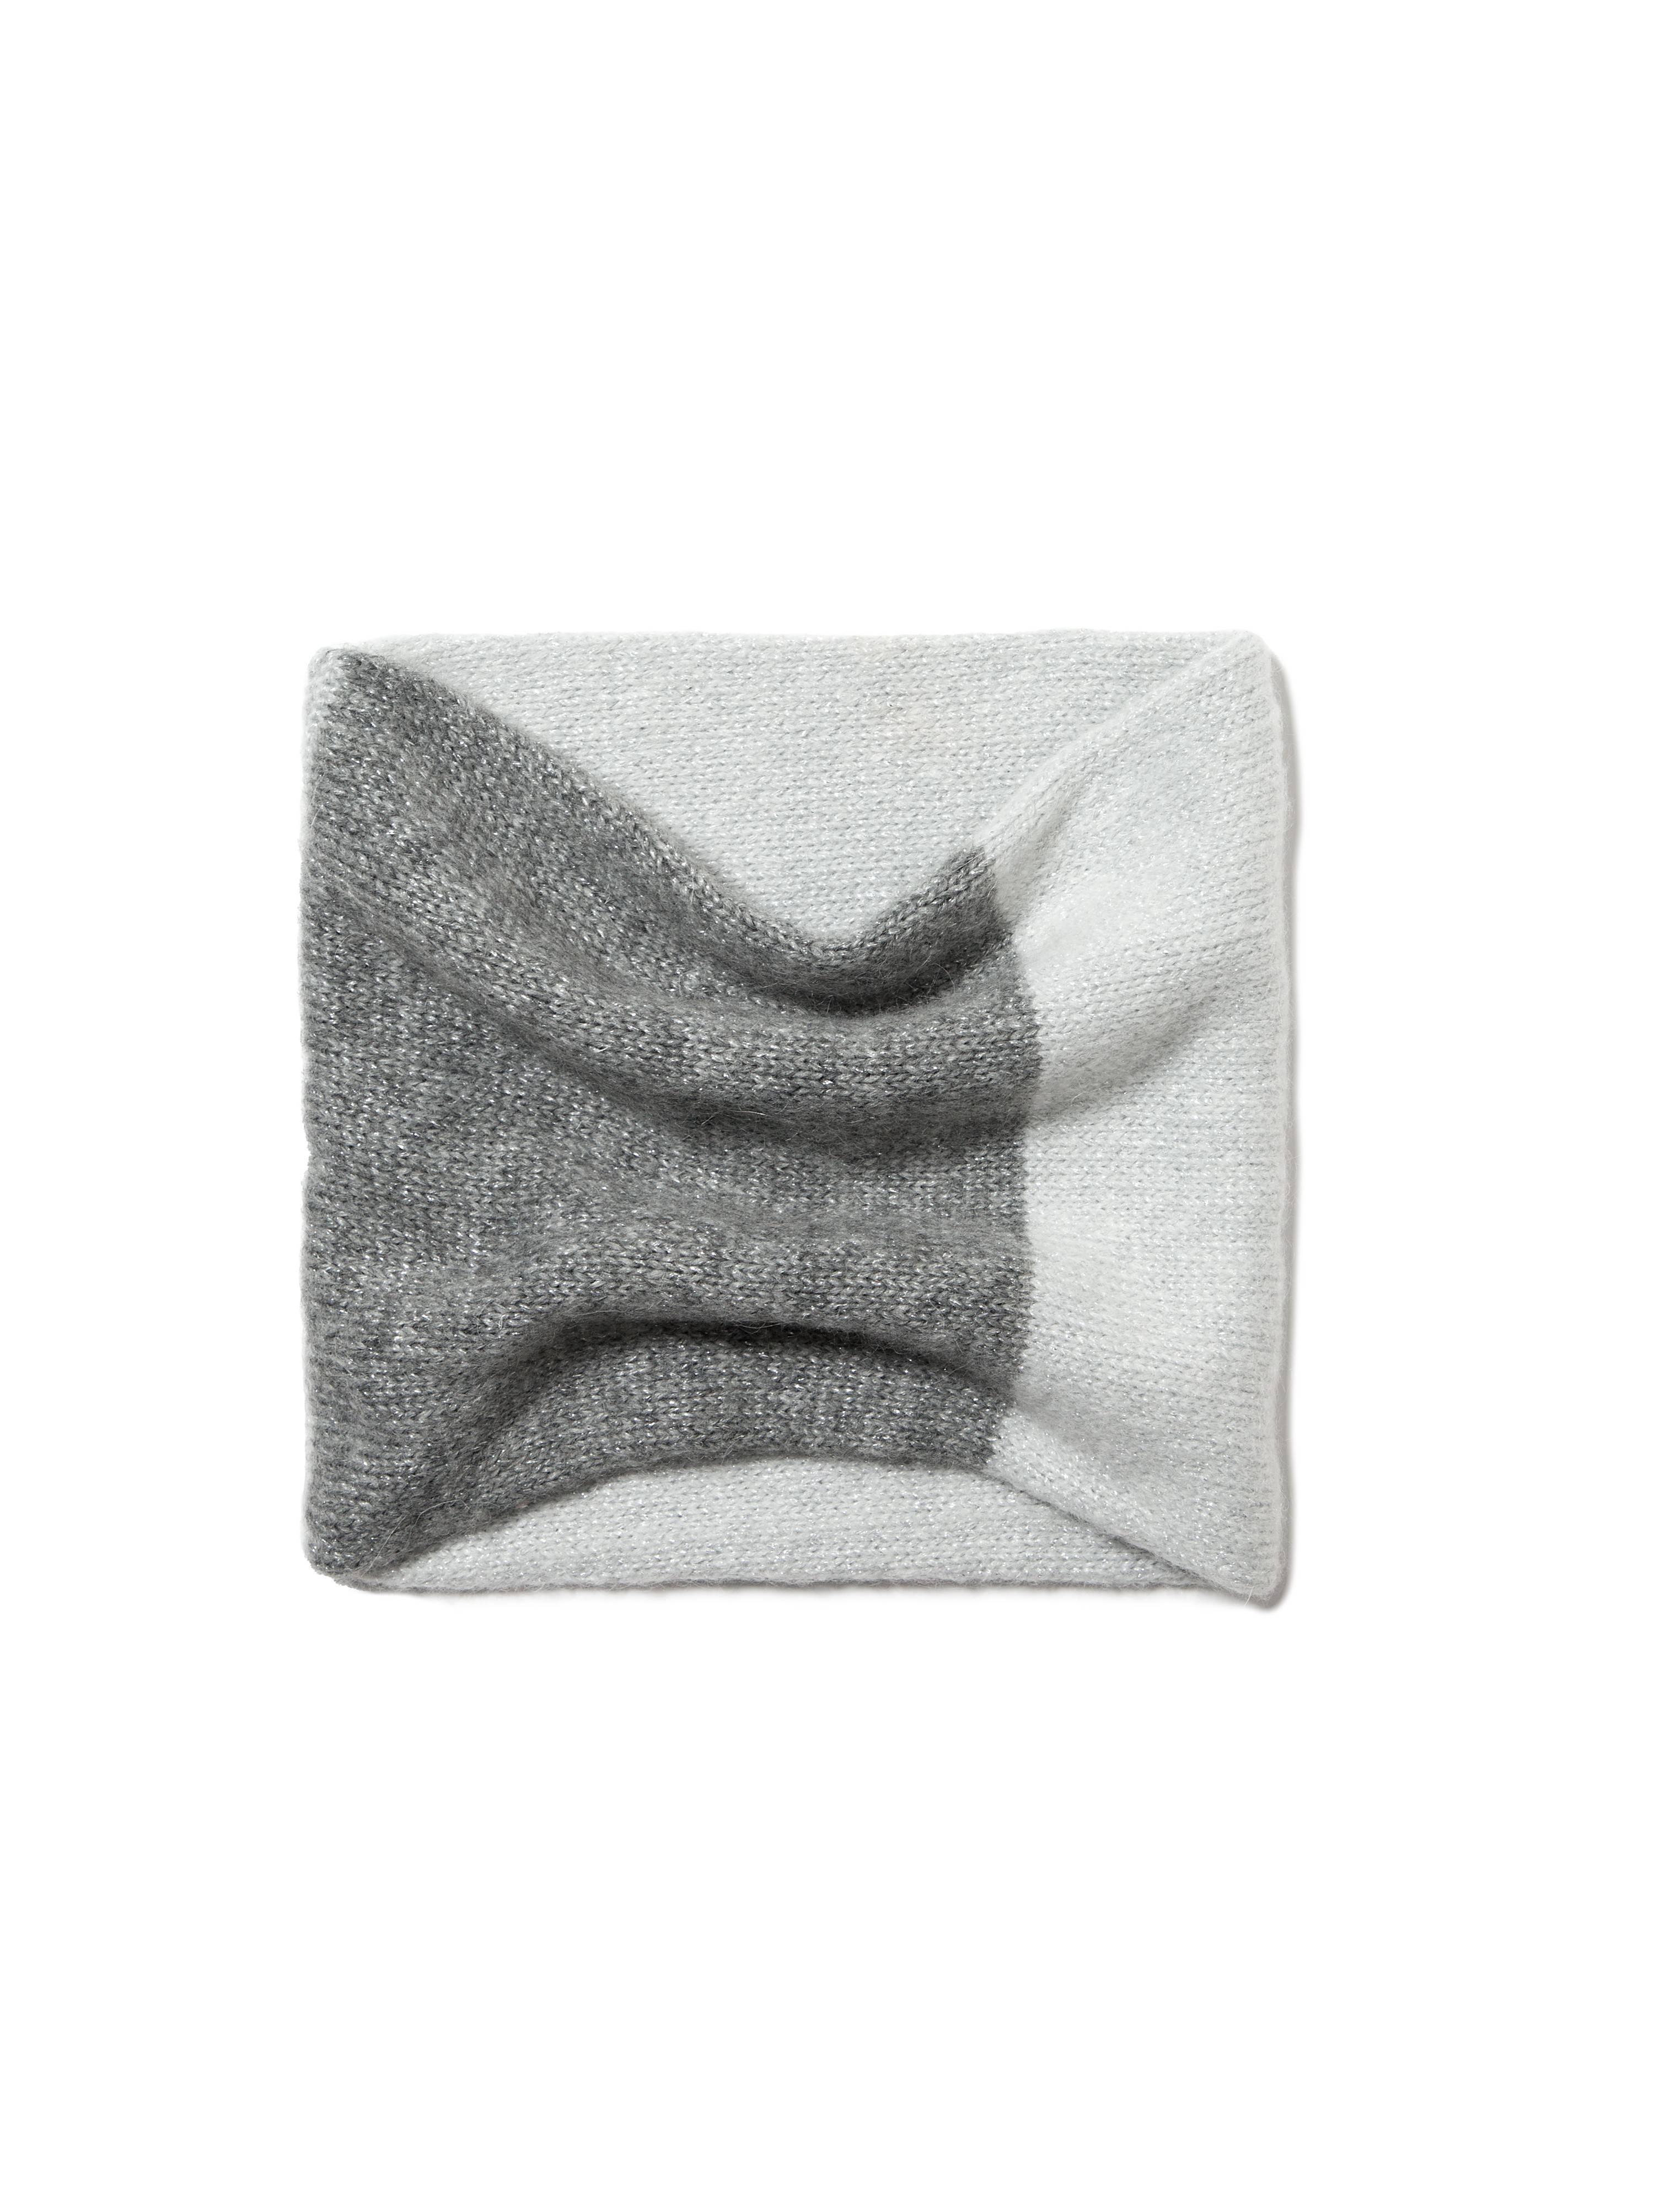 Шарф-снуд из пряжи с мохером и шерстью фото